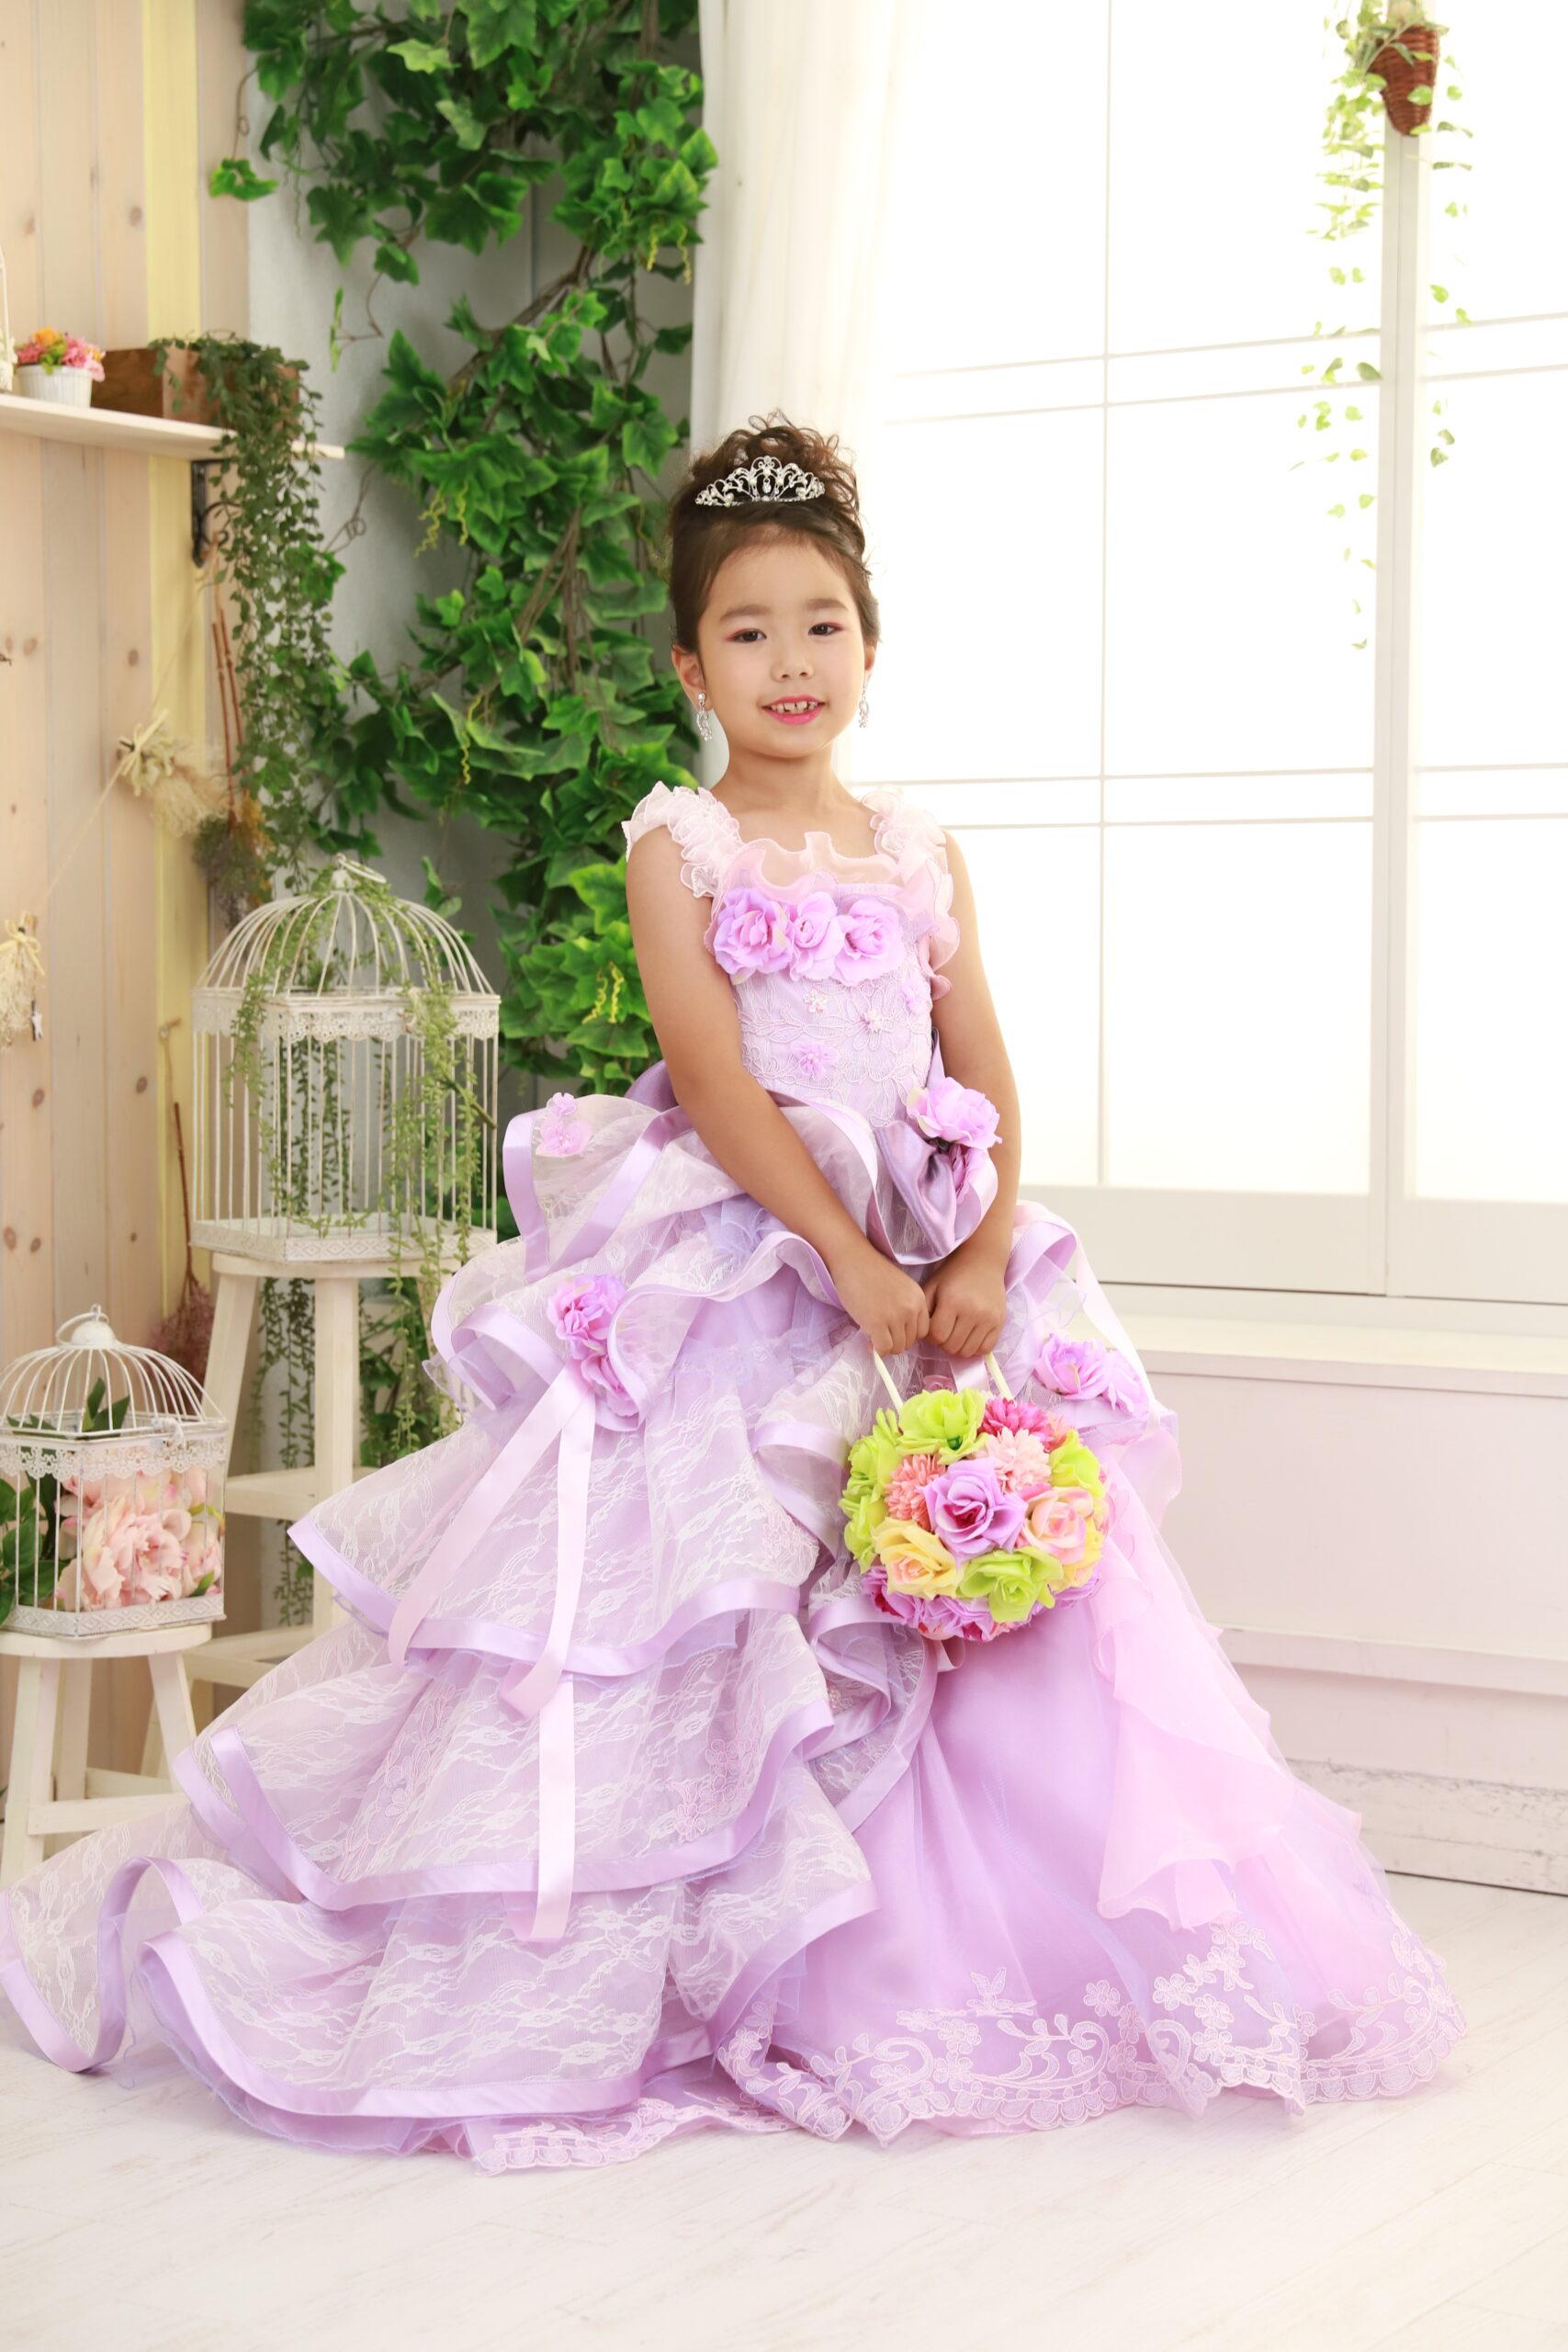 もなみの七五三 ピンクのドレスで撮影